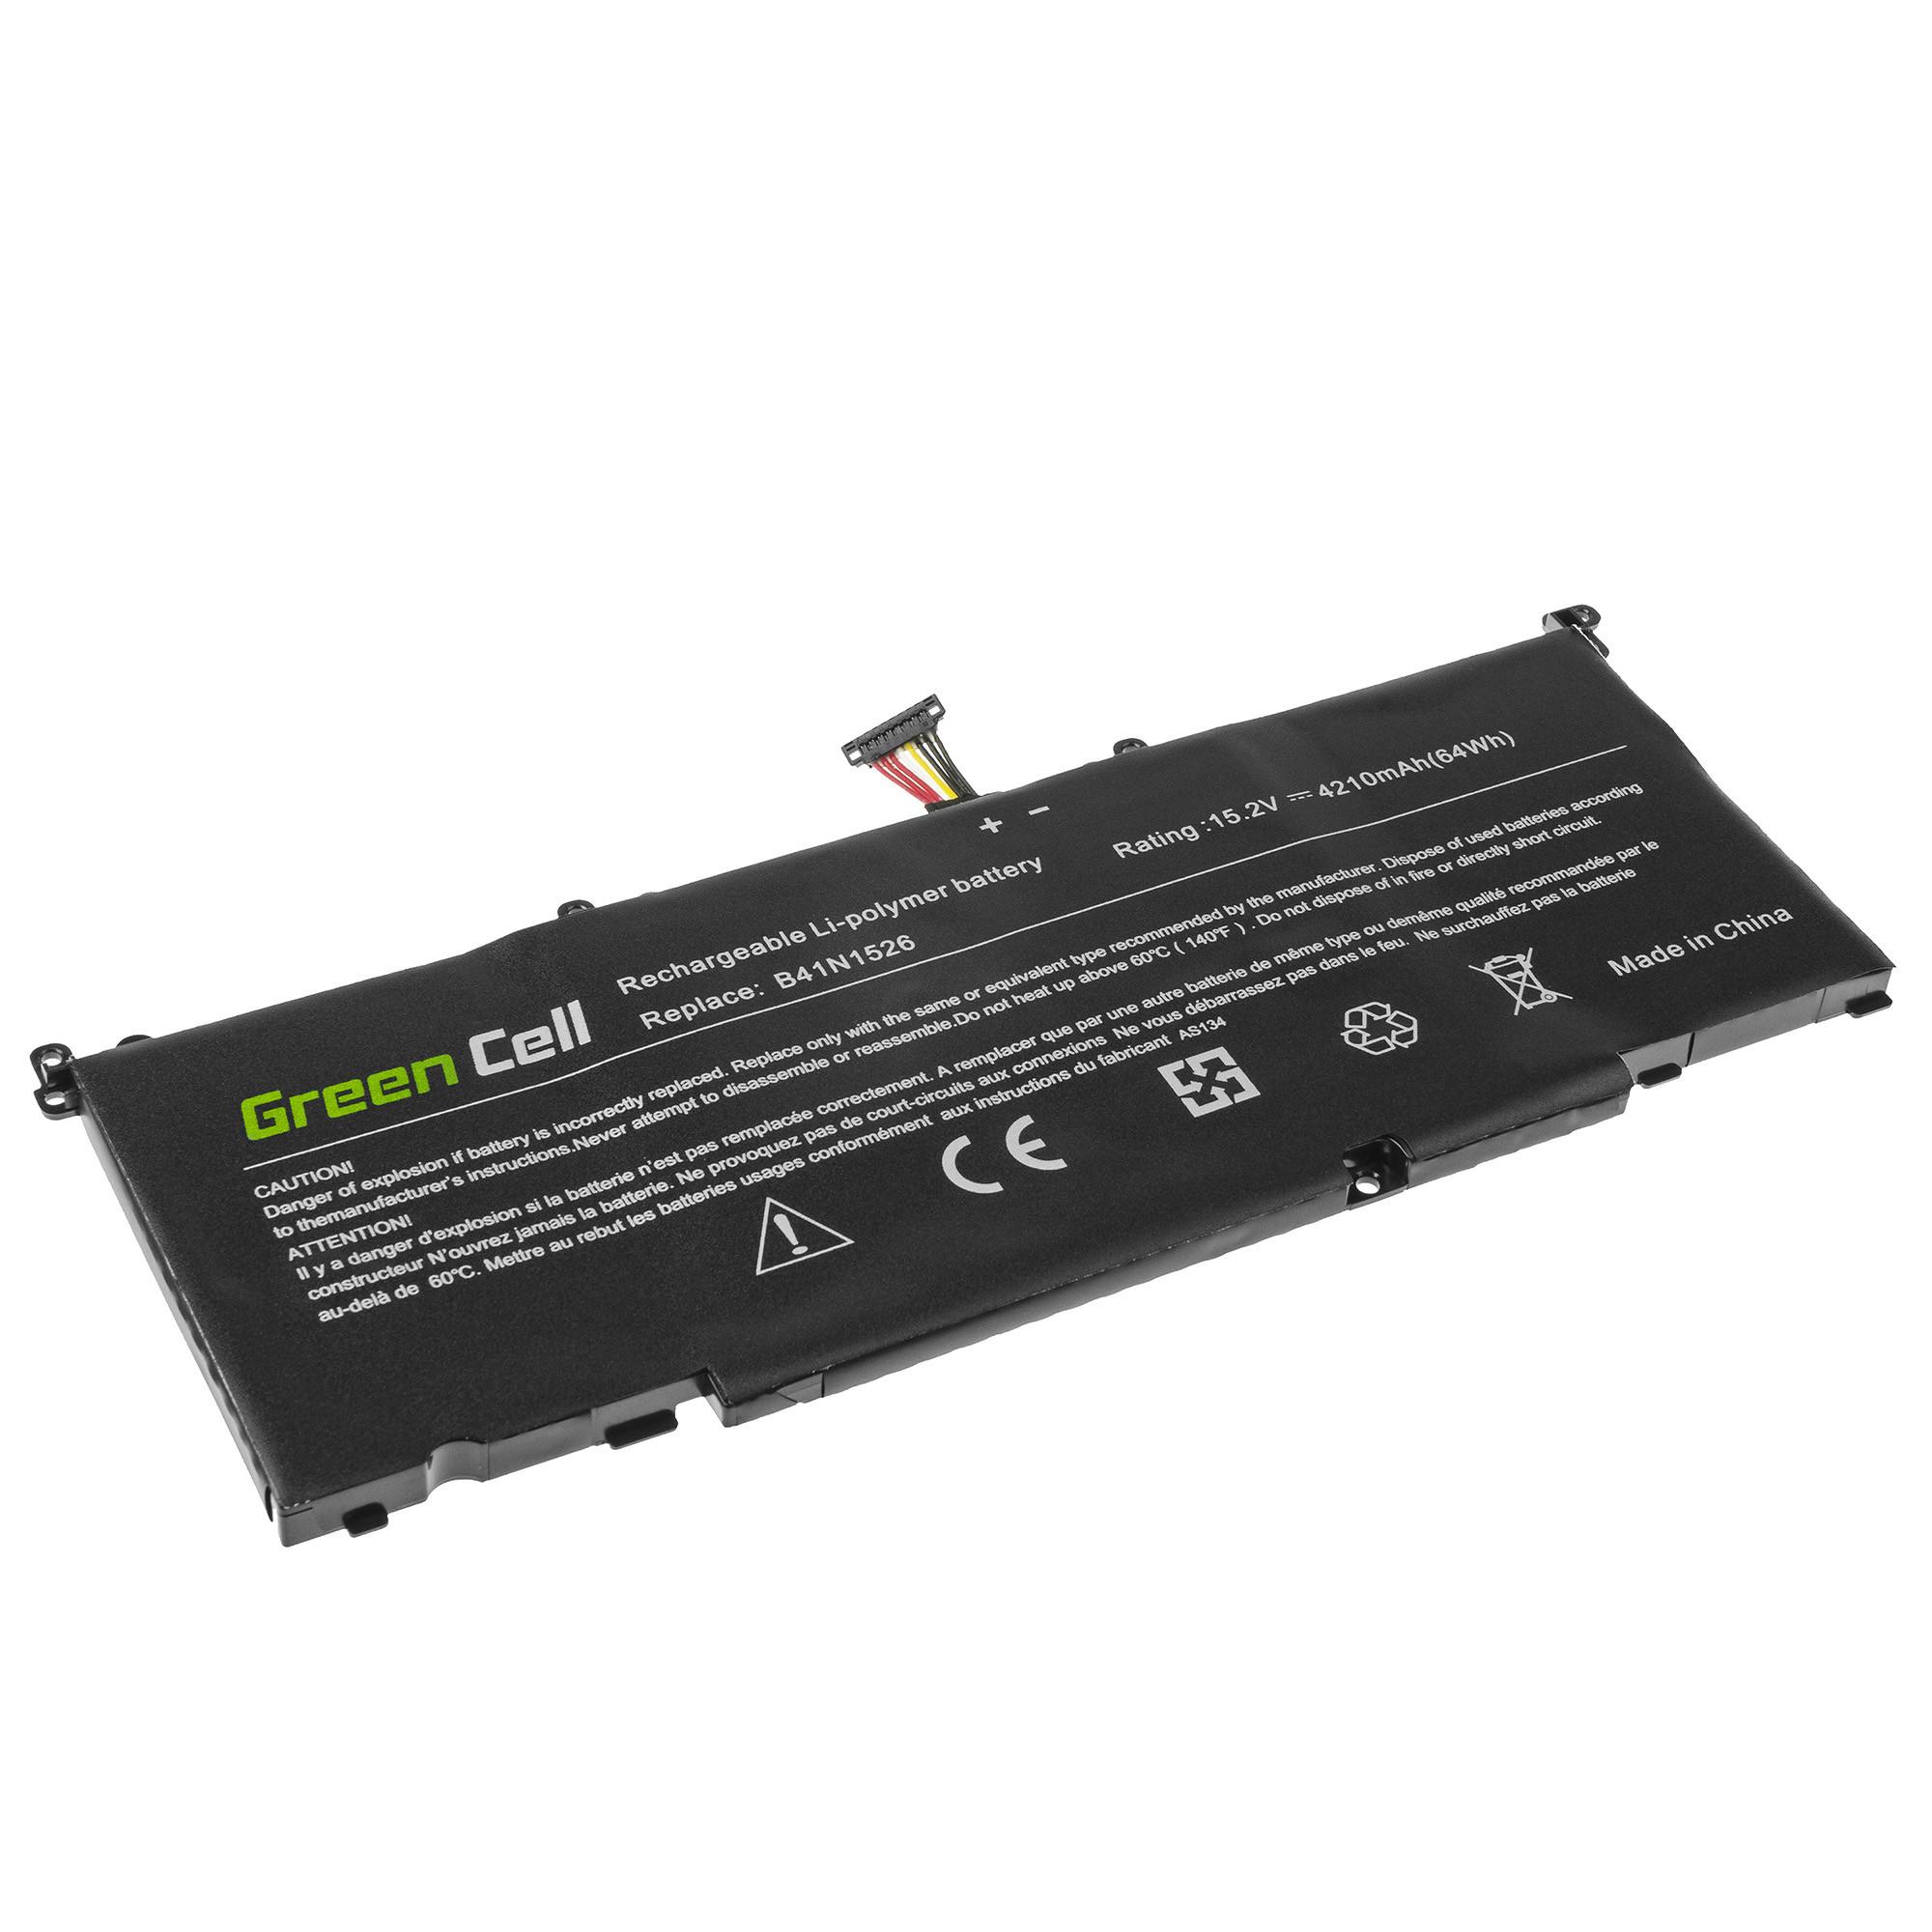 Green Cell B41N1526 Battery for Asus FX502 FX502V FX502VD FX502VM ROG Strix GL502VM GL502VT GL502VY / 15,2V 4210mAh